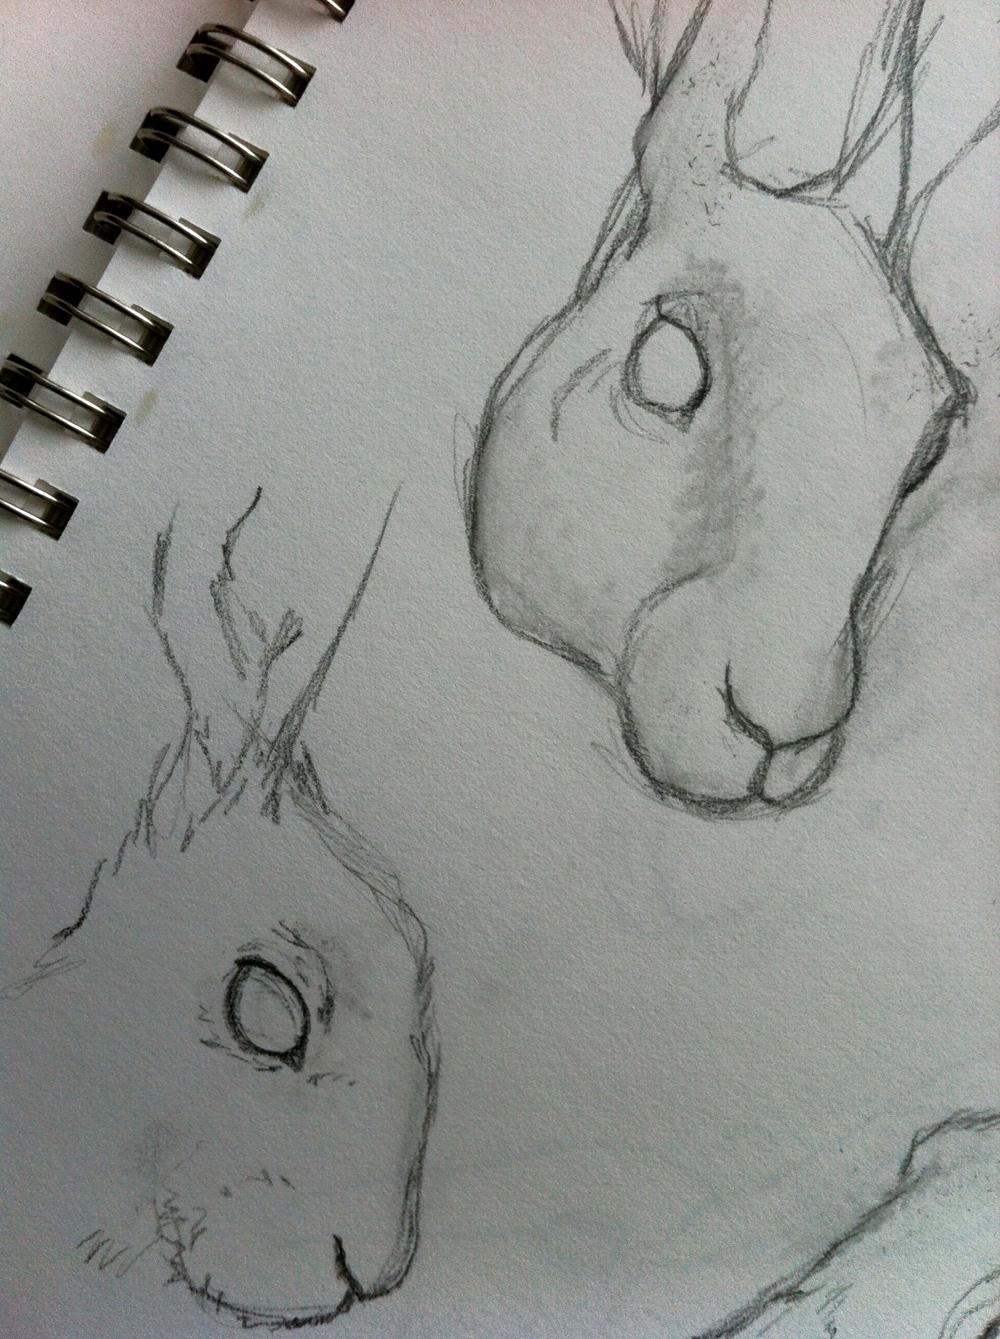 rabbitsketch.jpg